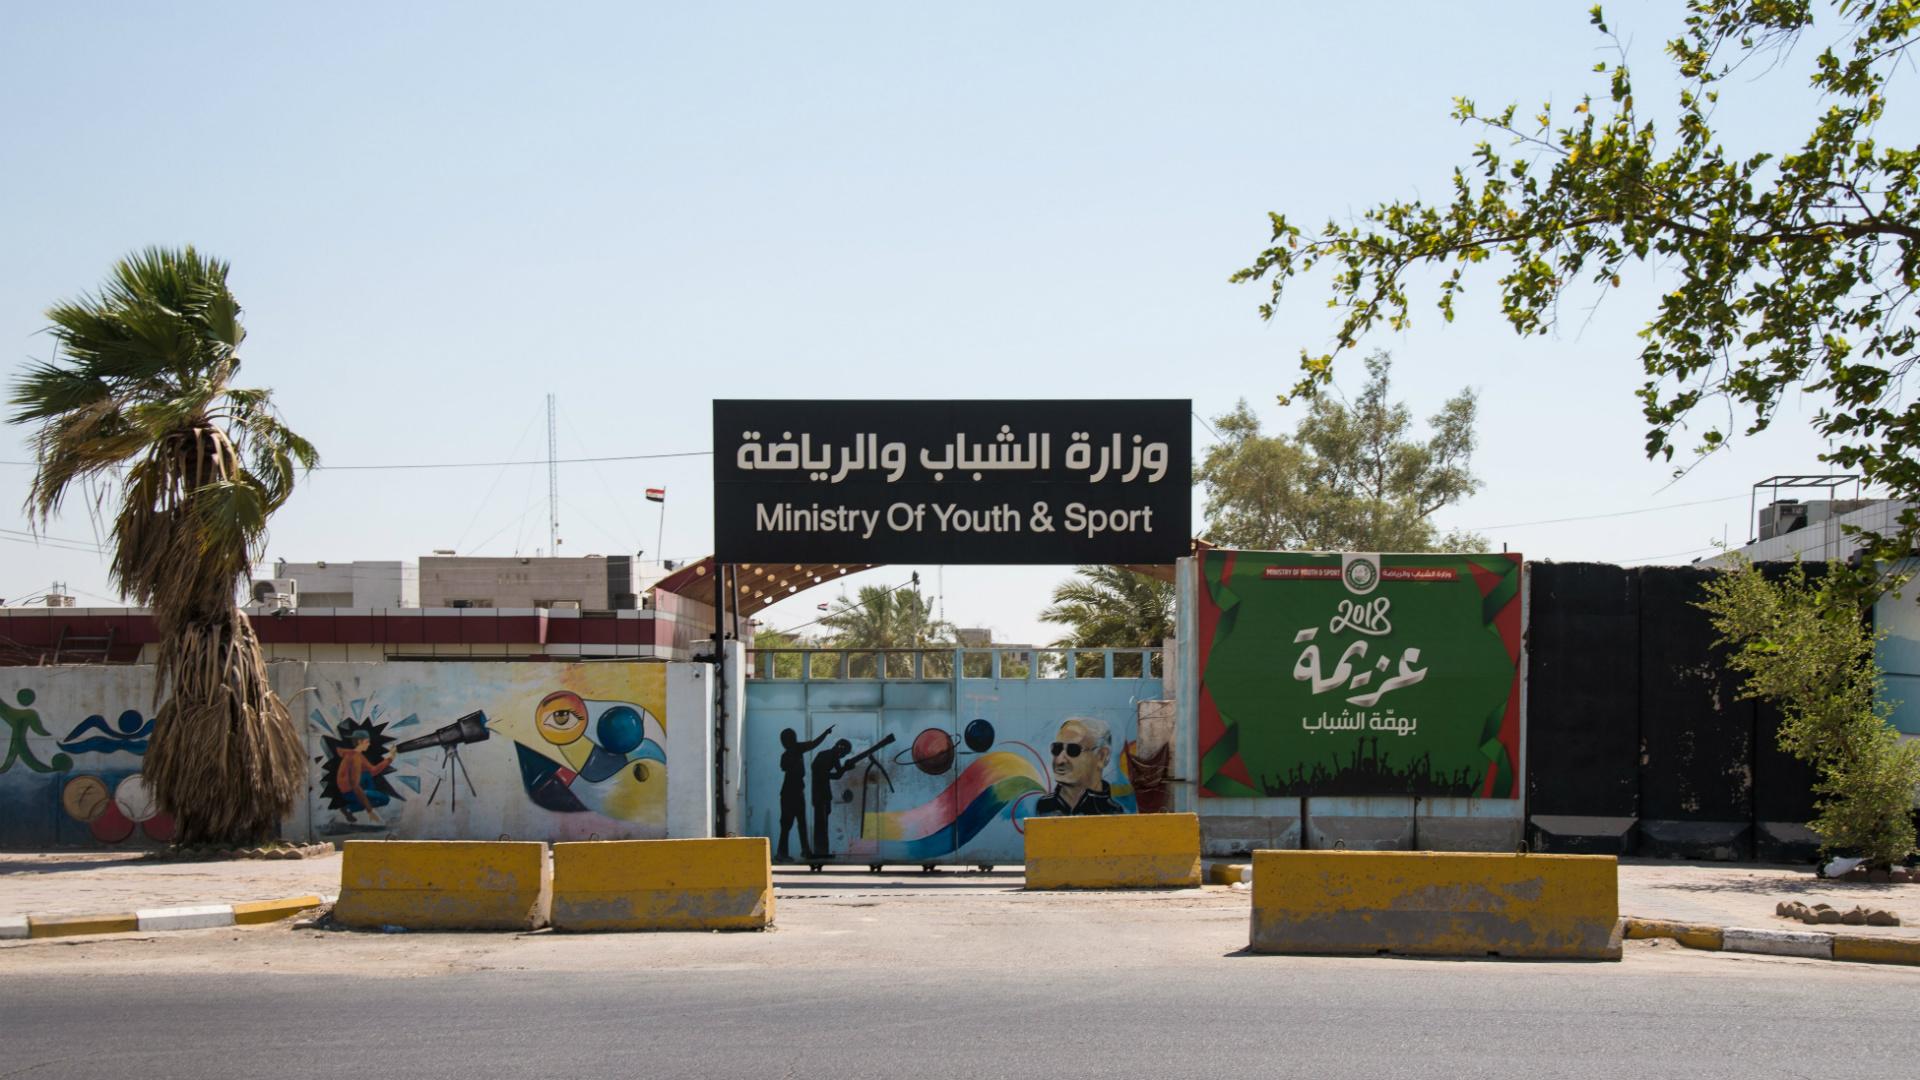 وزارة الشباب والرياضة تعلن جاهزية الملاعب قبيل انطلاق الدوري